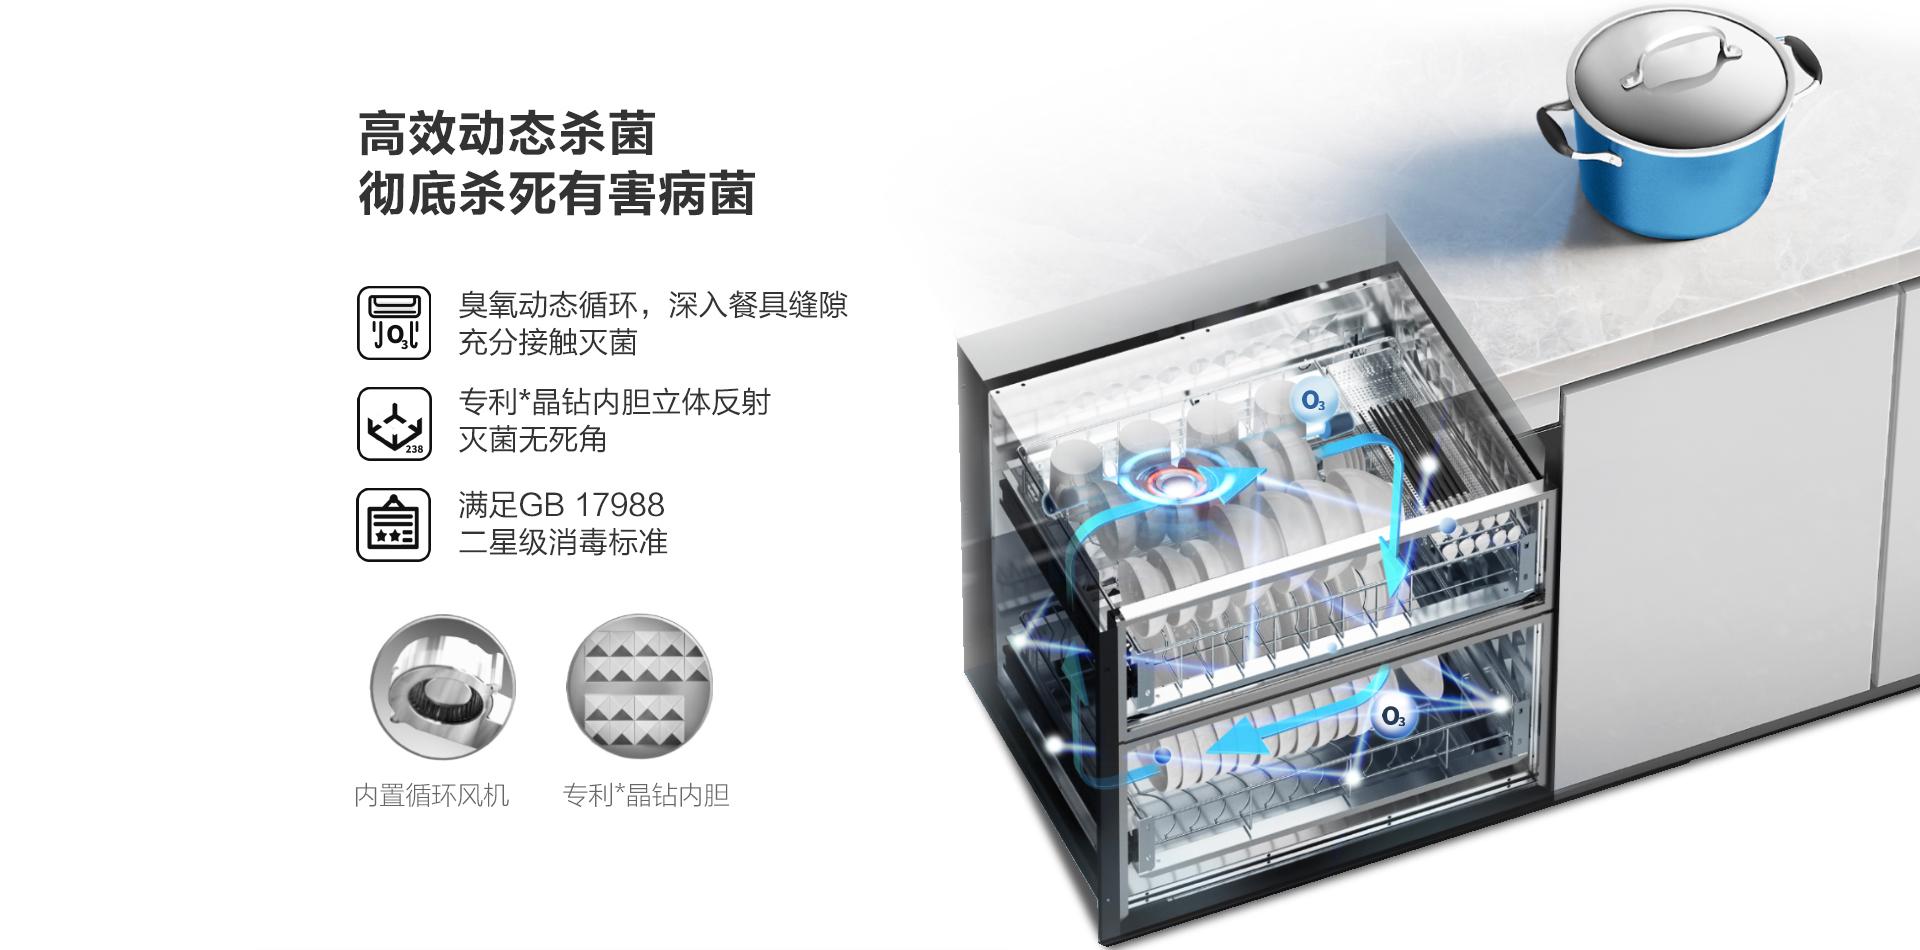 XB831消毒柜-上新-PC端-190918_02.jpg